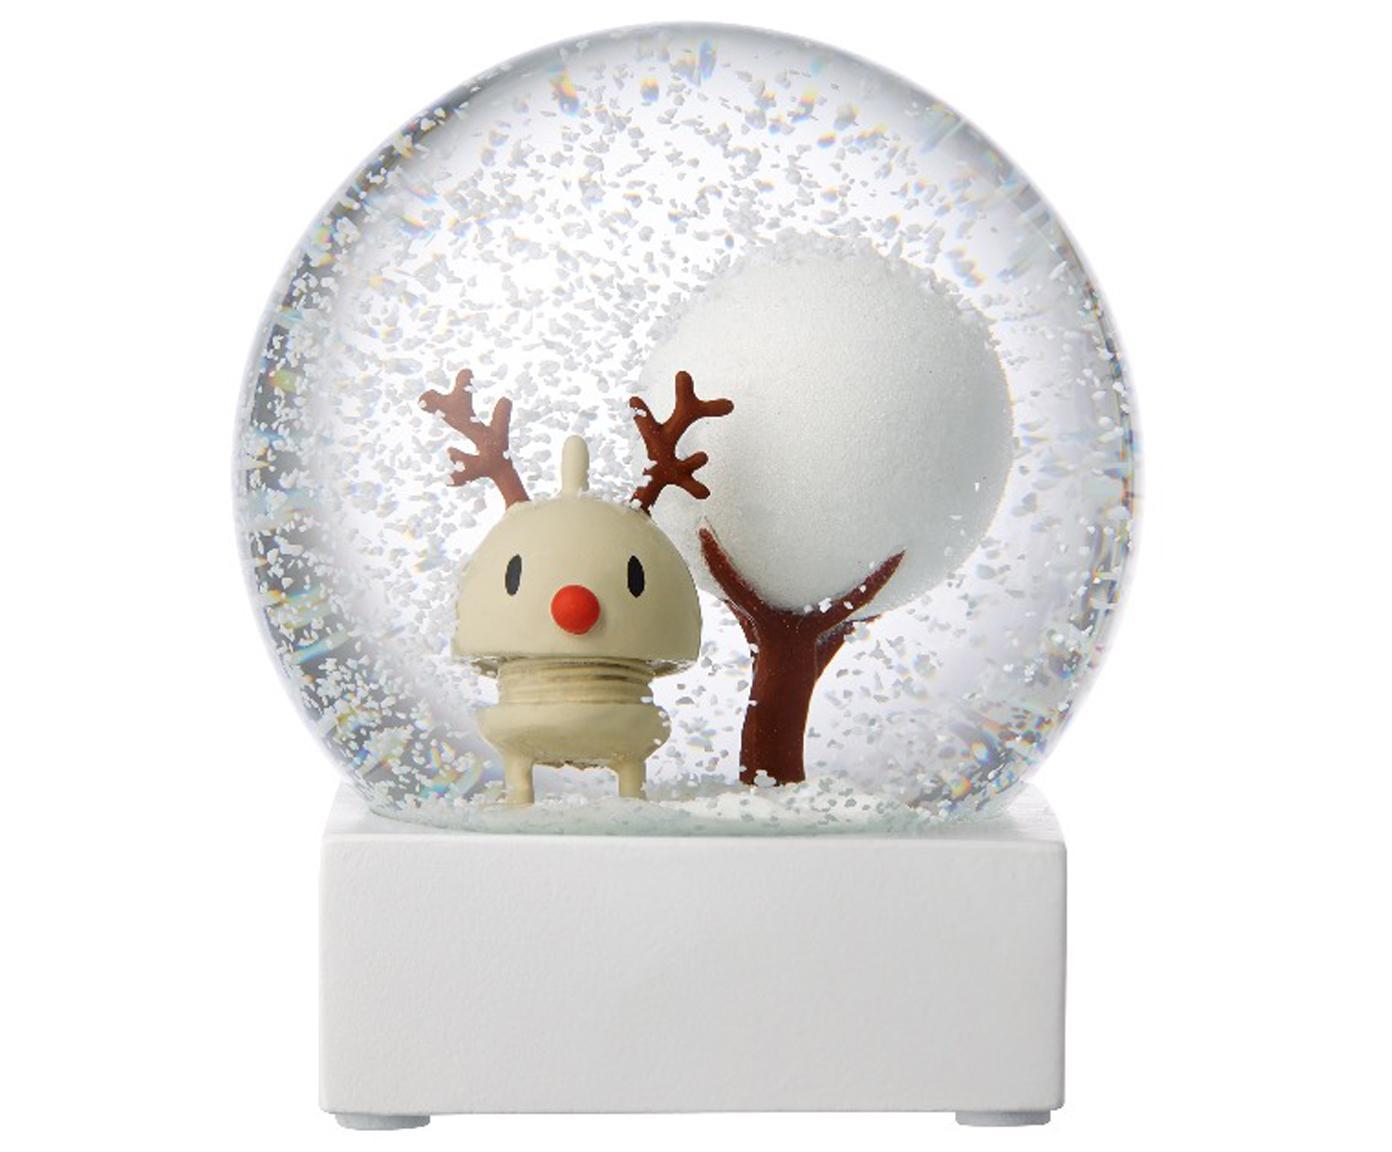 Kula śnieżna Rudolf, Biały, transparentnyny, Ø 10 x W 12 cm